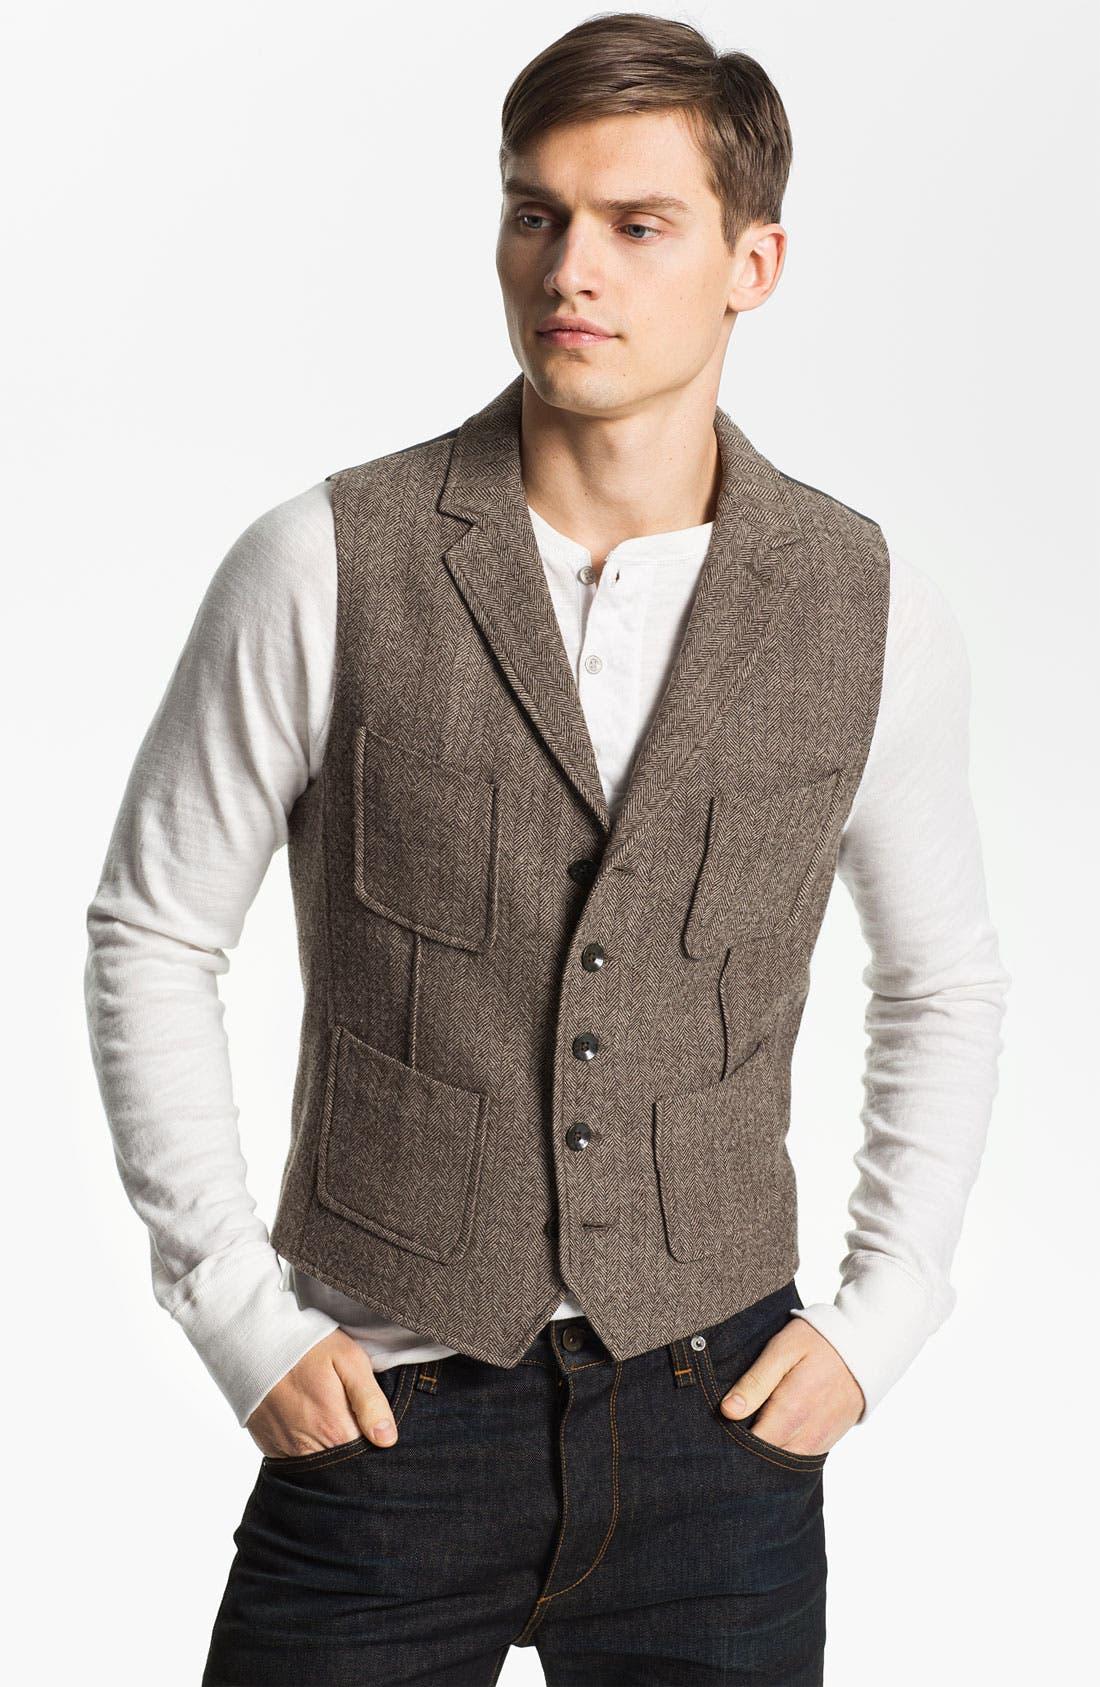 Alternate Image 1 Selected - rag & bone 'Albers' Wool Herringbone Waistcoat